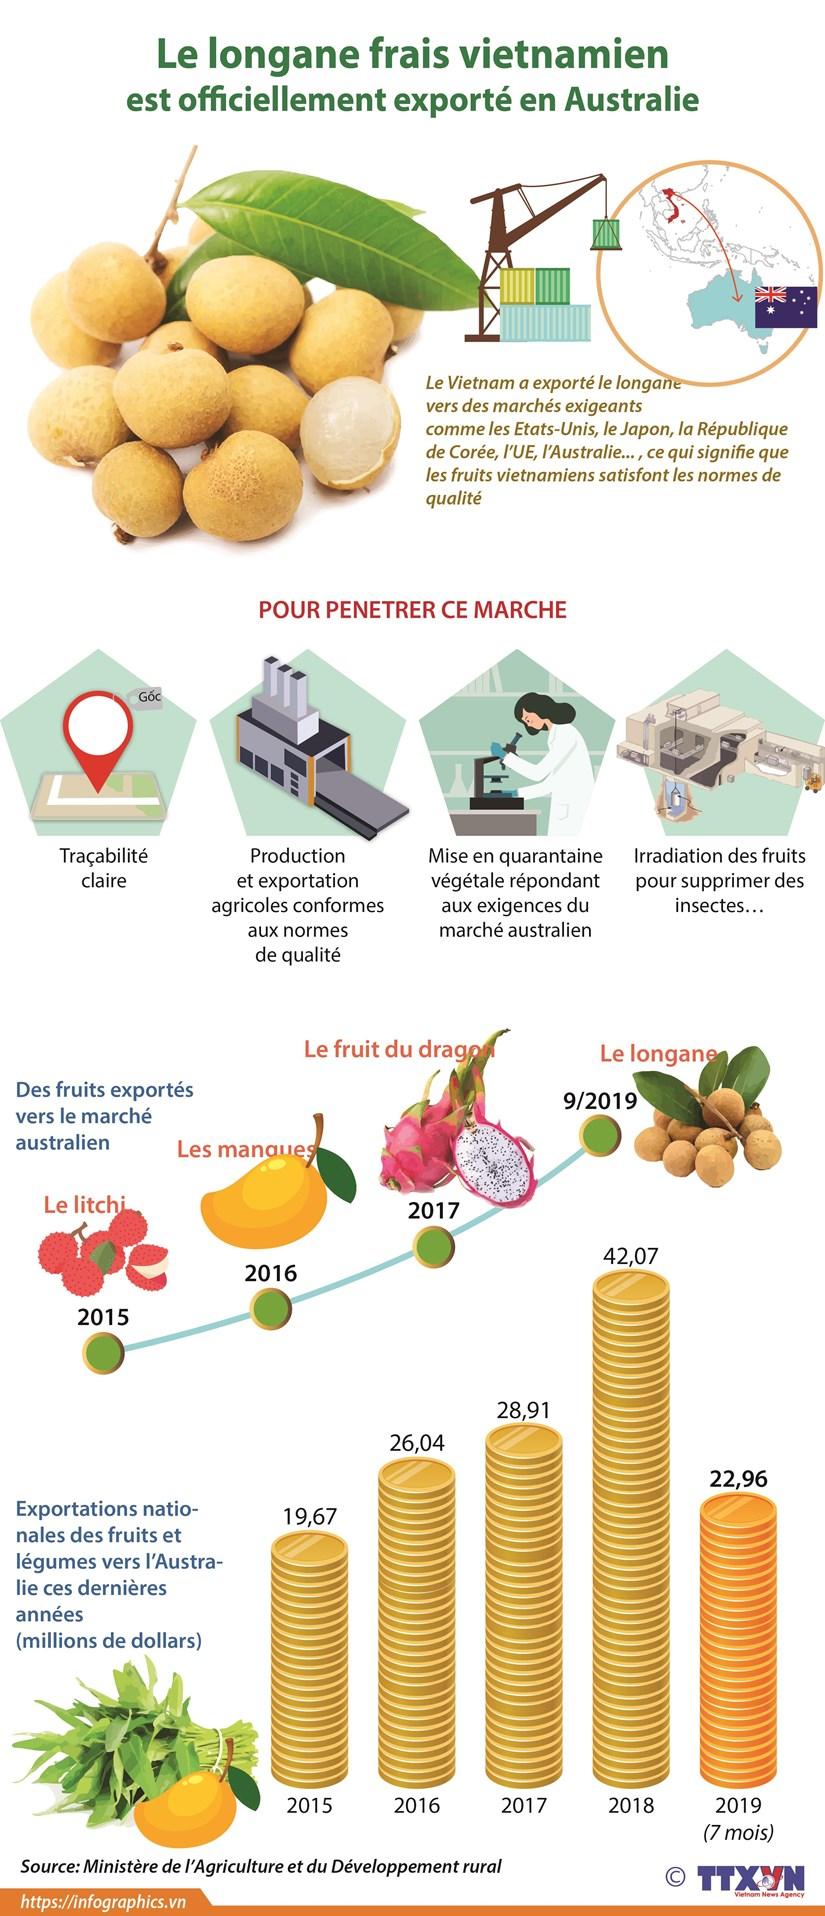 Le longane frais vietnamien est officiellement exporte en Australie hinh anh 1